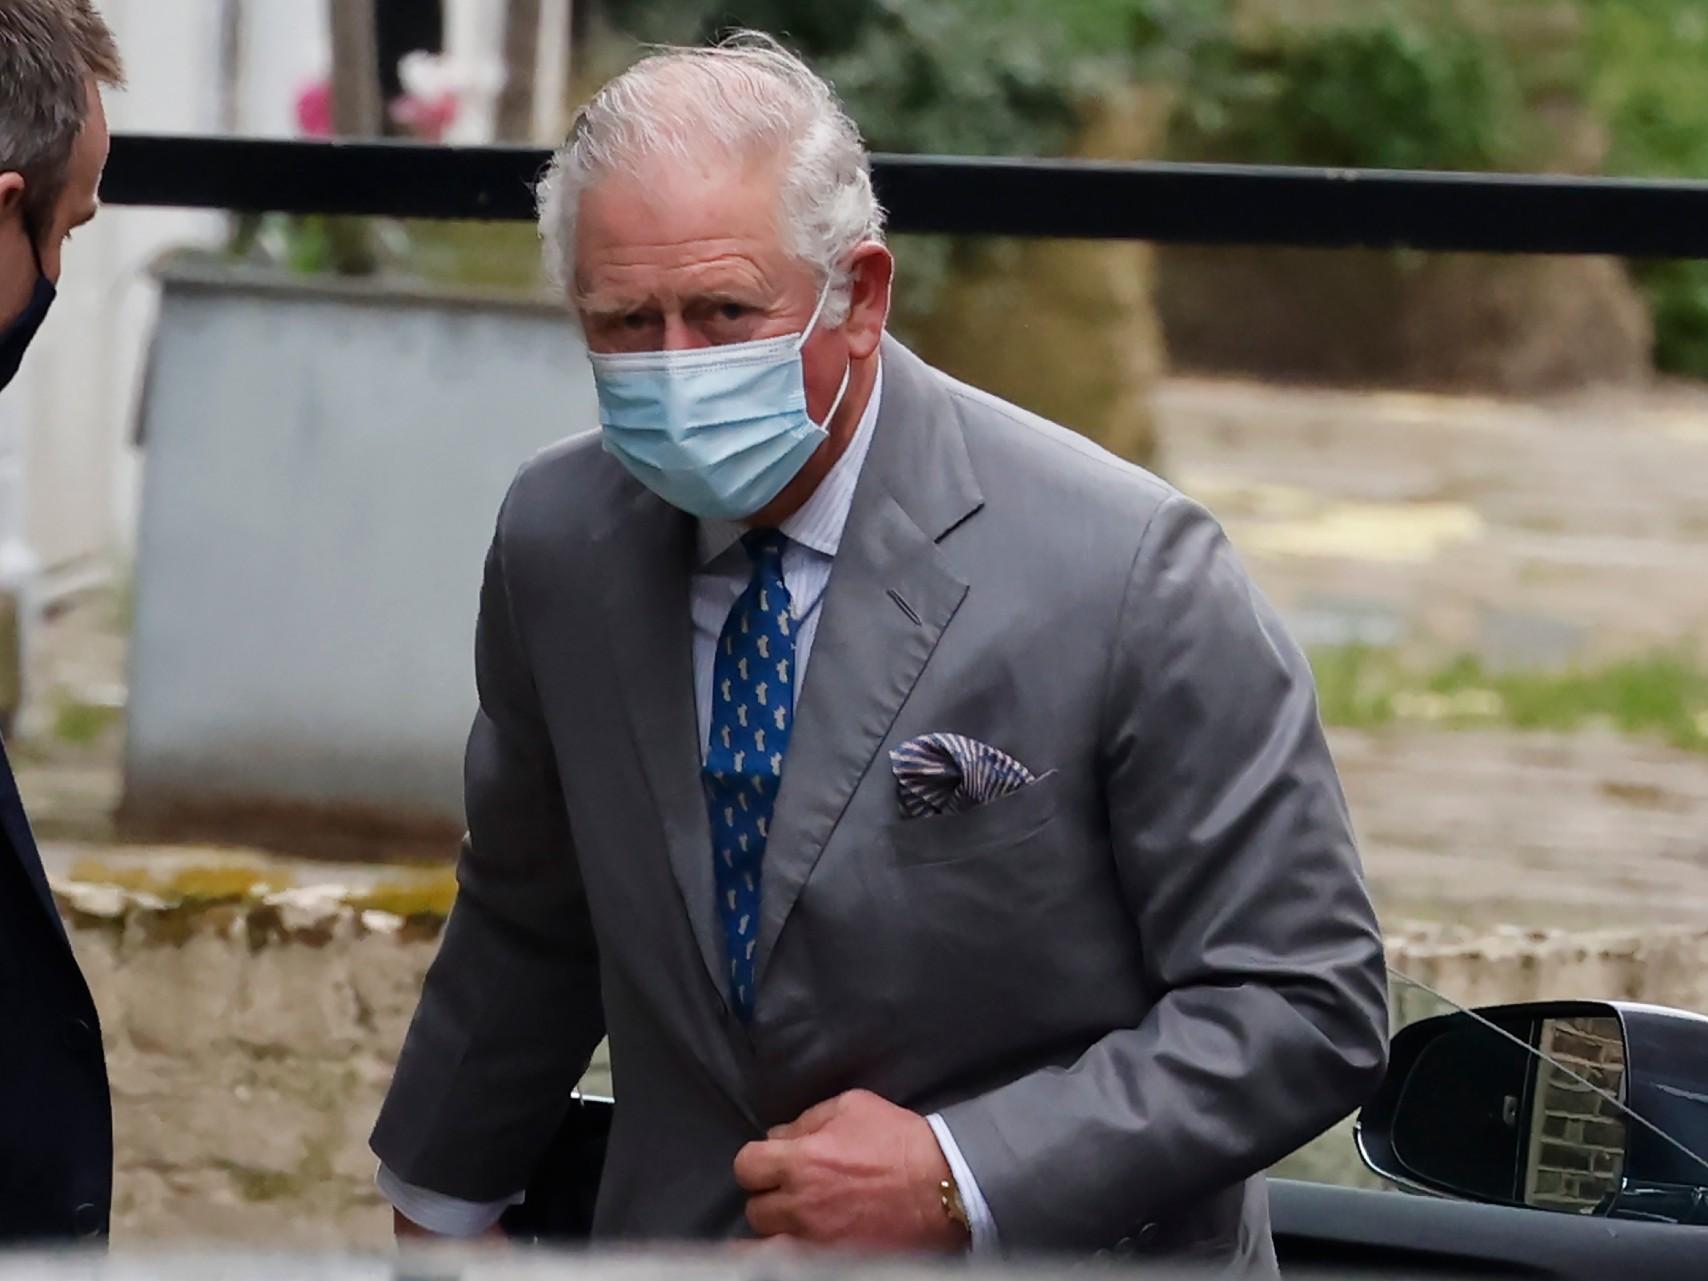 Le Prince Charles rend visite au Prince Philp à l'hôpital King Edward VII